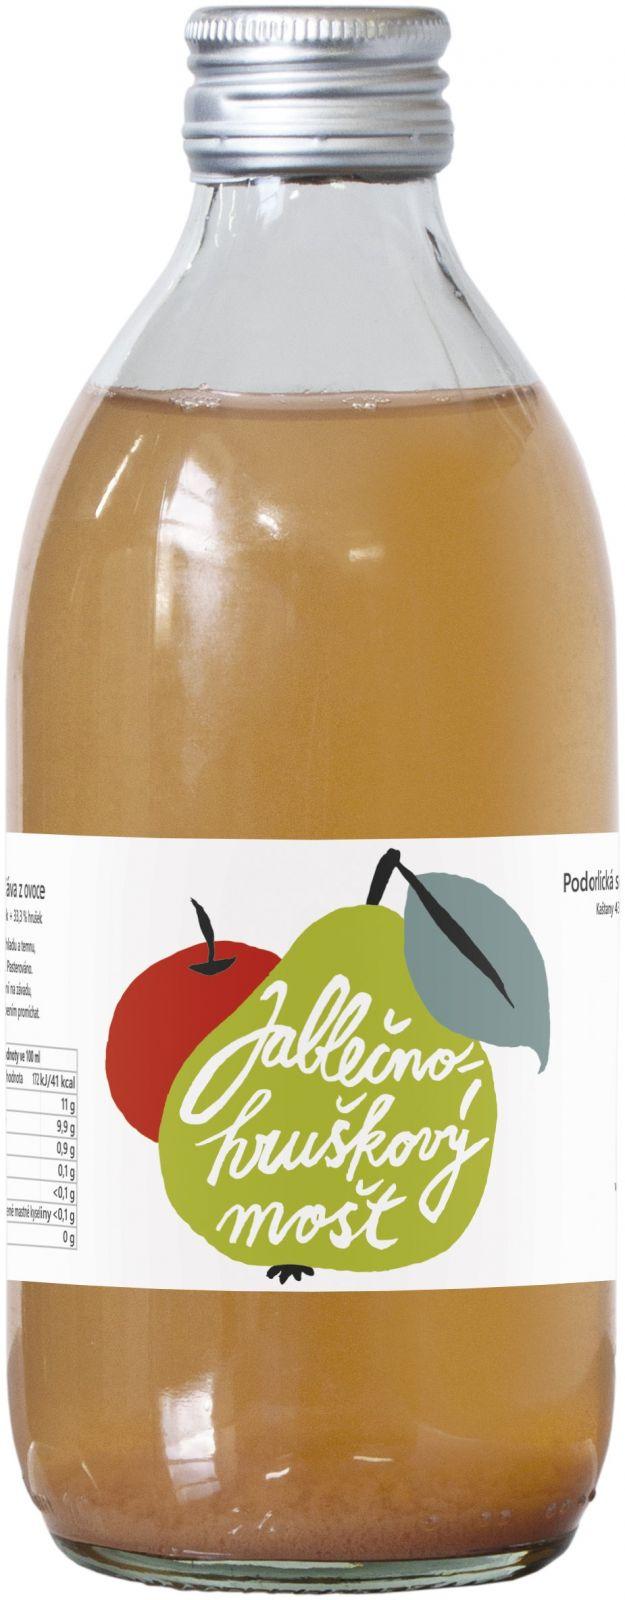 Podorlická sodovkárna mošt 80 % jablko 20 % hruška 0,33 l - Kombinace nejpopulárnějšího moštového ovoce uspokojí každého. Podorlická sodovkárna Rychnov n/ Kněžnou